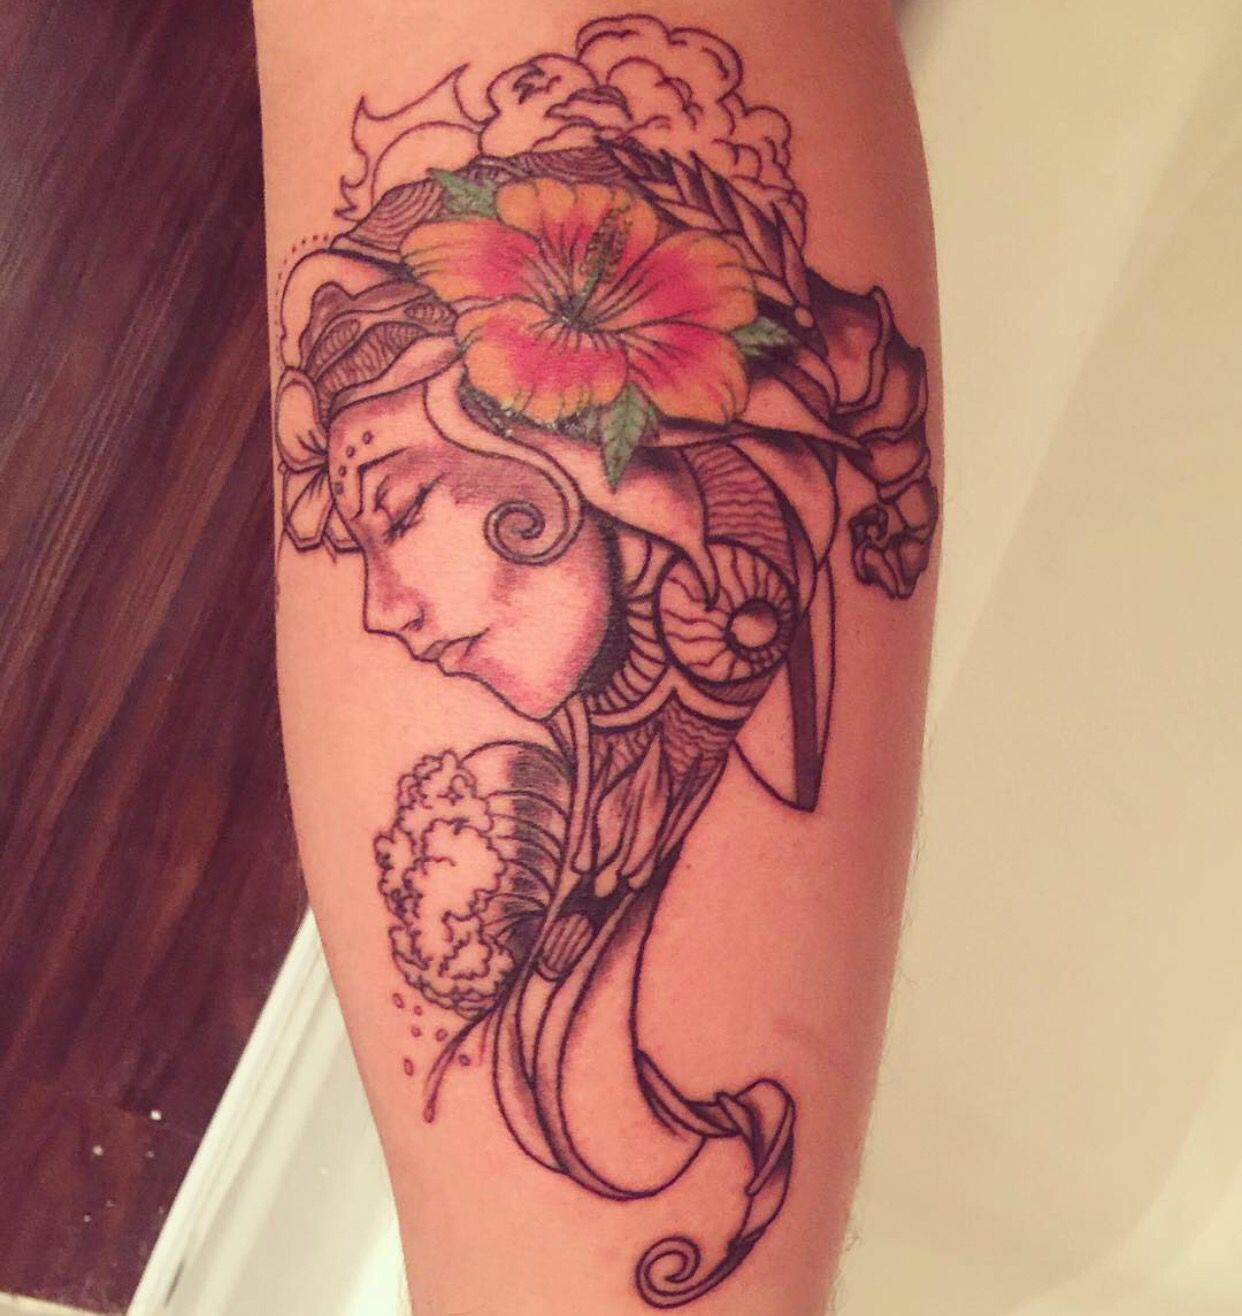 Incubus Tattoo I Got Art By Brandon Boyd Carlos Evans